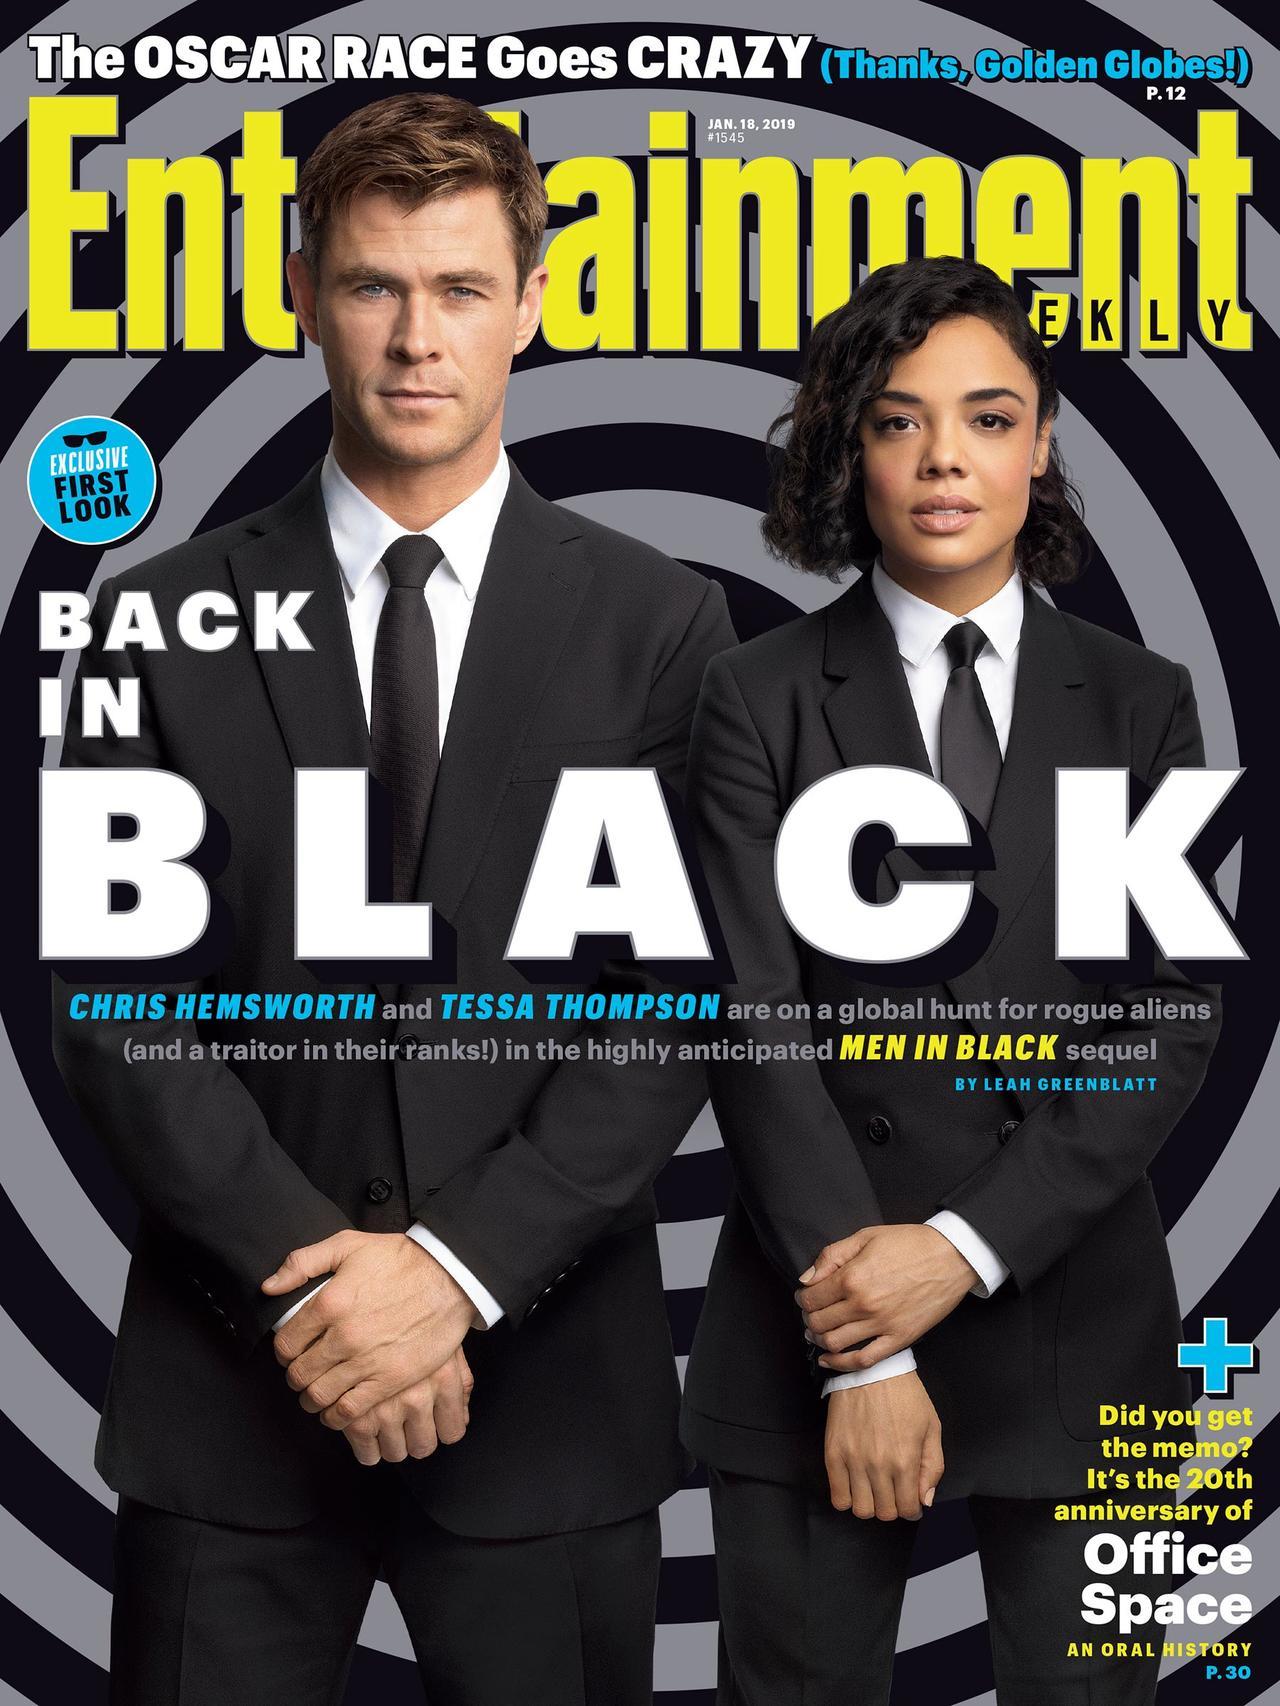 此外,《黑衣人:全球追缉》还集结了丽贝卡·弗格森,库梅尔·南贾尼等